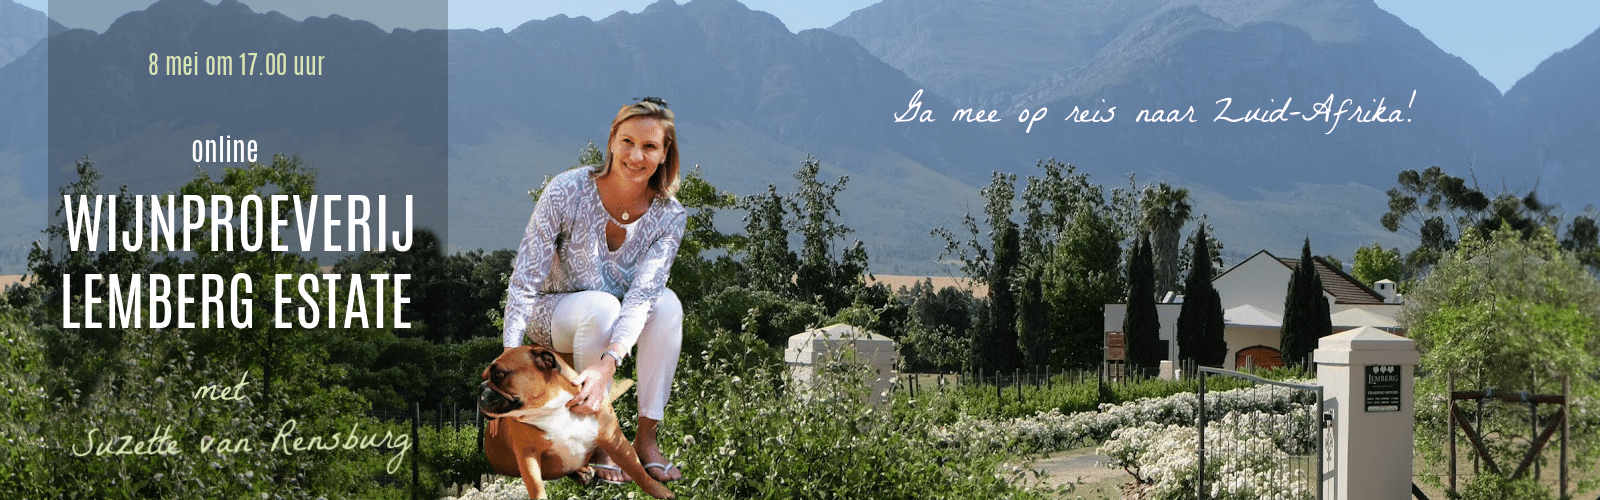 Online wijnproeverij Lemberg op 8 mei